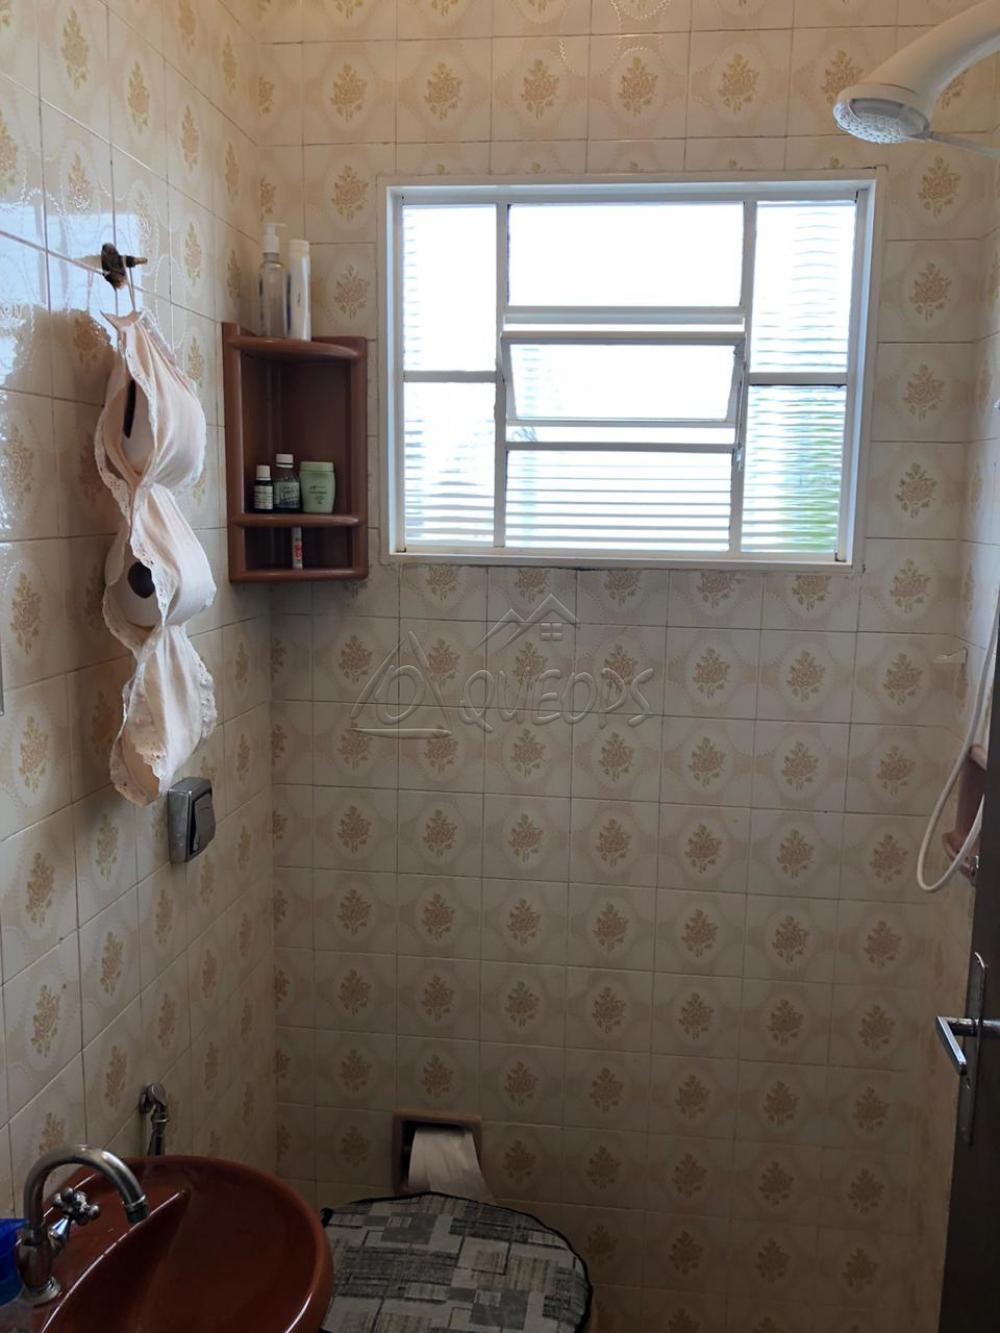 Comprar Casa / Padrão em Barretos apenas R$ 350.000,00 - Foto 15